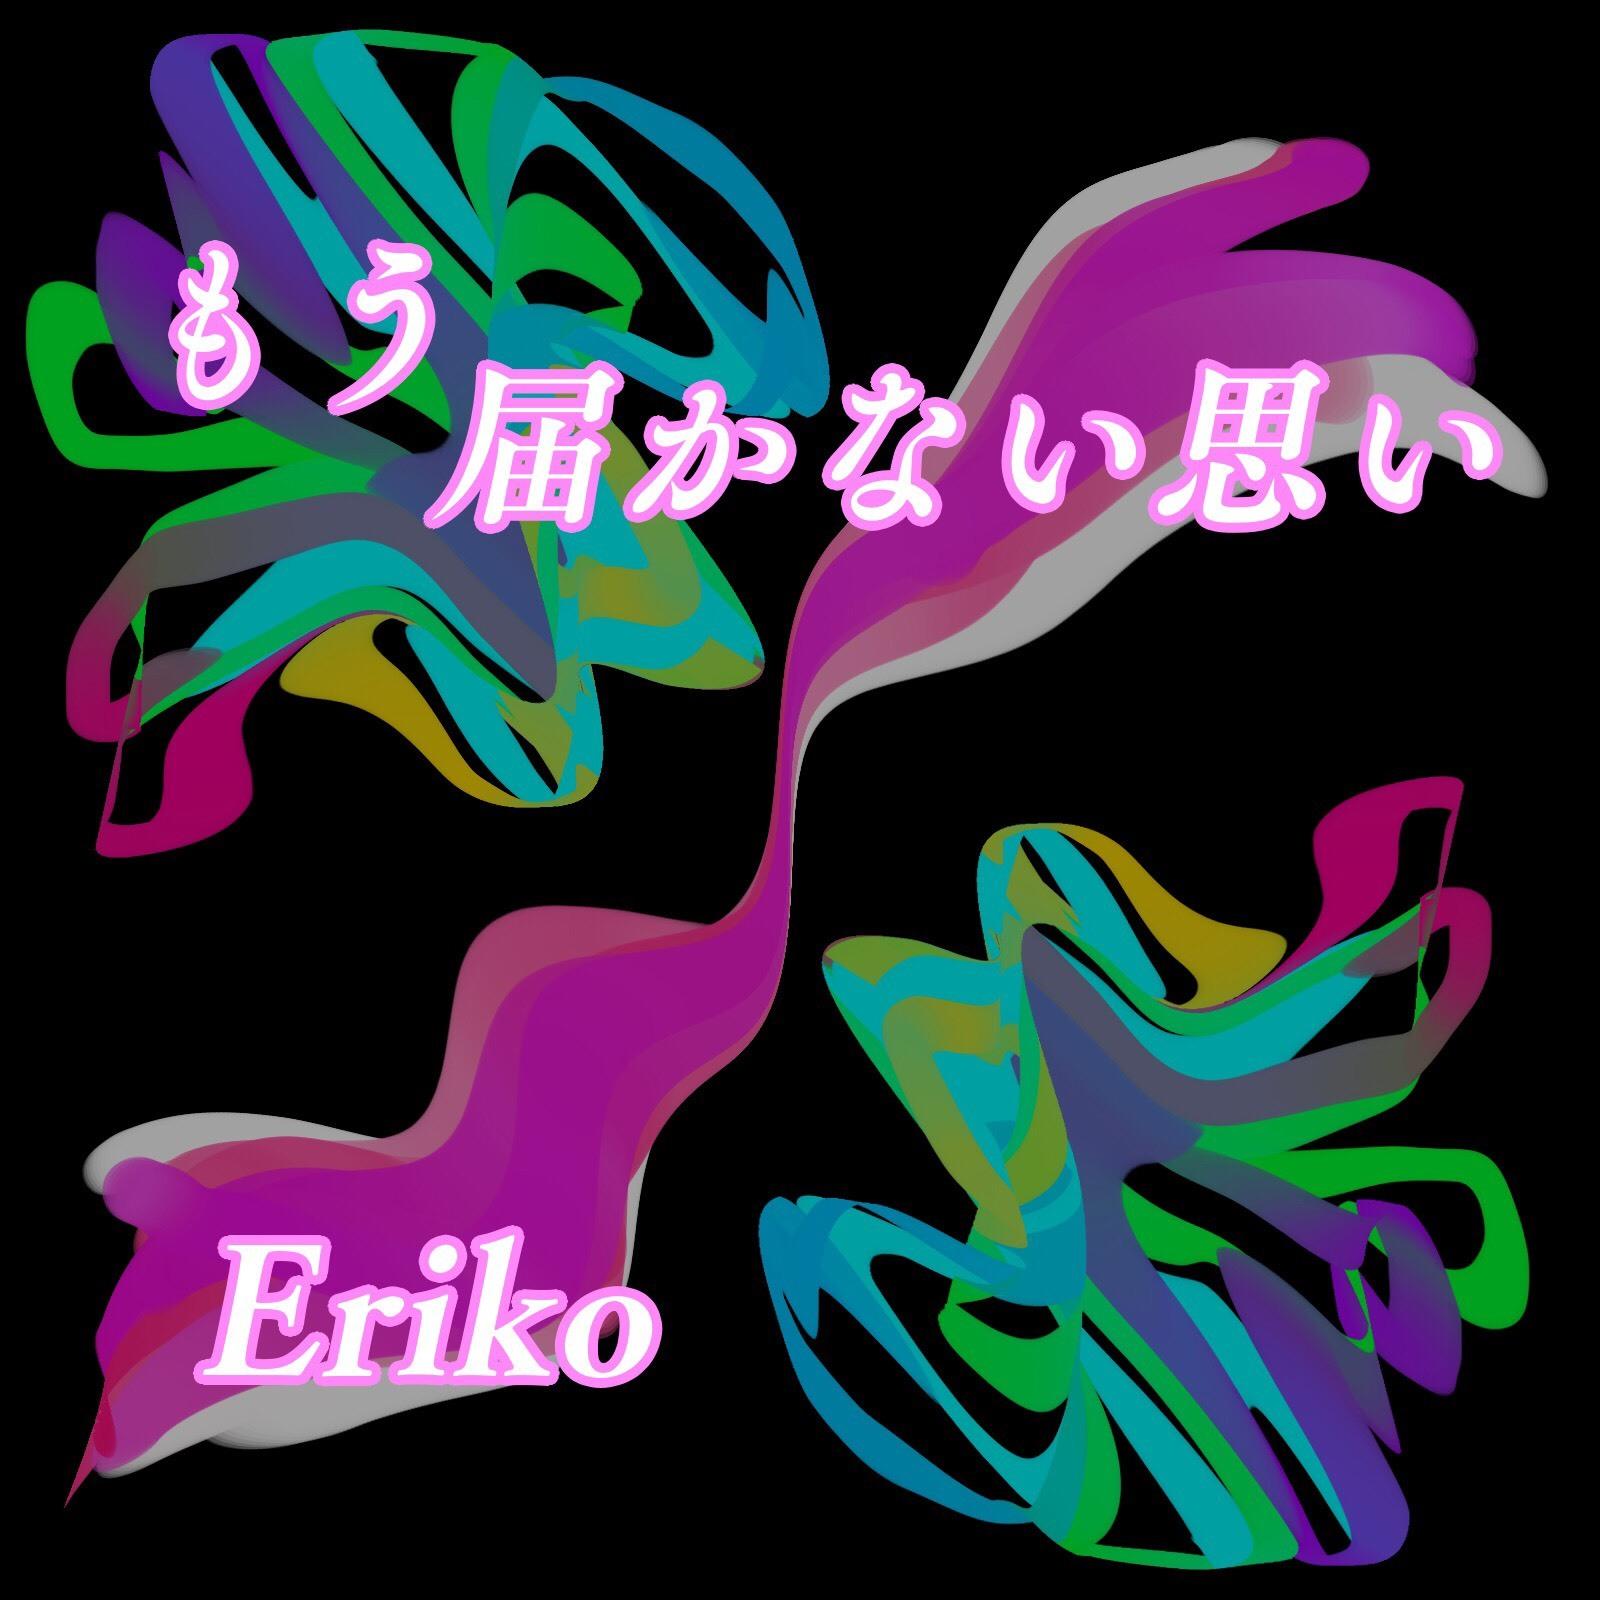 Ef10b99750981aee8ae2f3fede627e36.jpg?sr.dw=286&sr